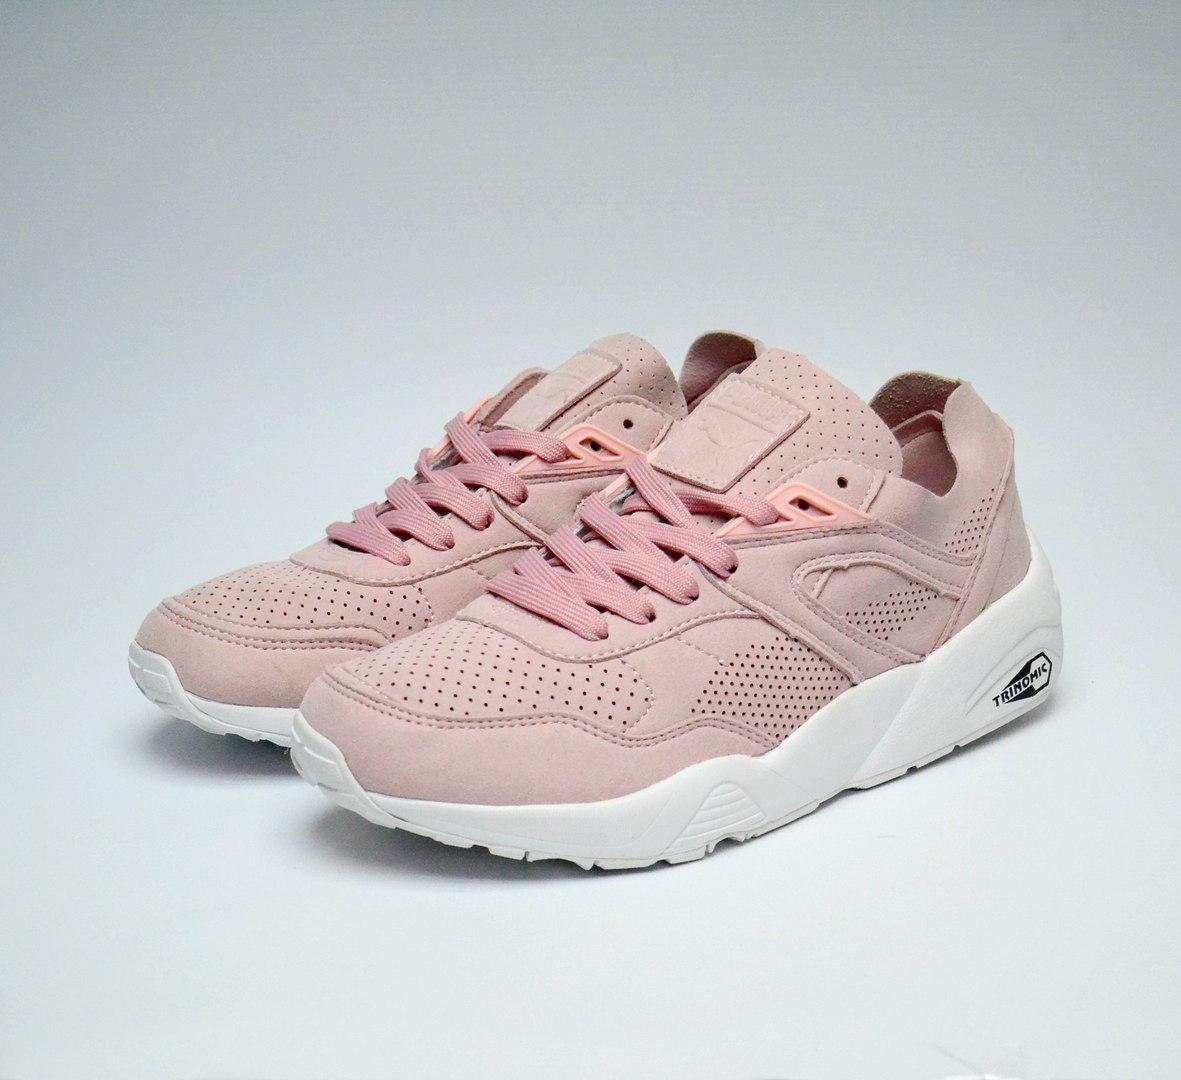 367edff07618 Женские кроссовки Puma Soft Pink Trinomic, Розовые, Замш, Прошиты -  Интернет-магазин